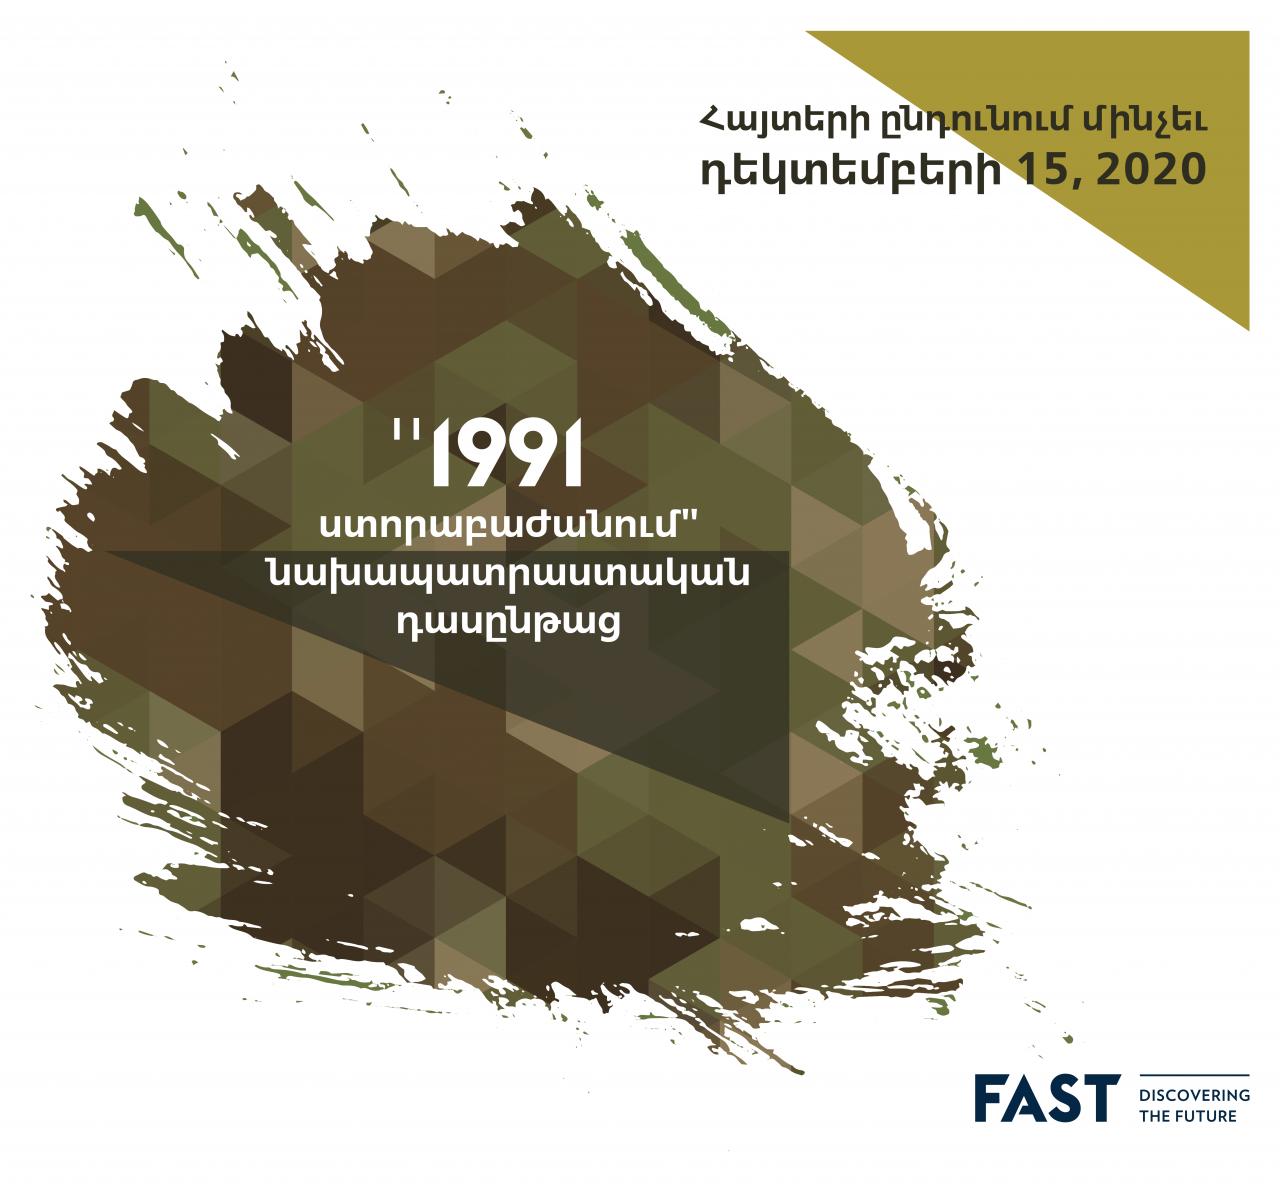 FAST-ի «1991 ստորաբաժանում» դասընթացը կրկին ընդունում է հայտեր